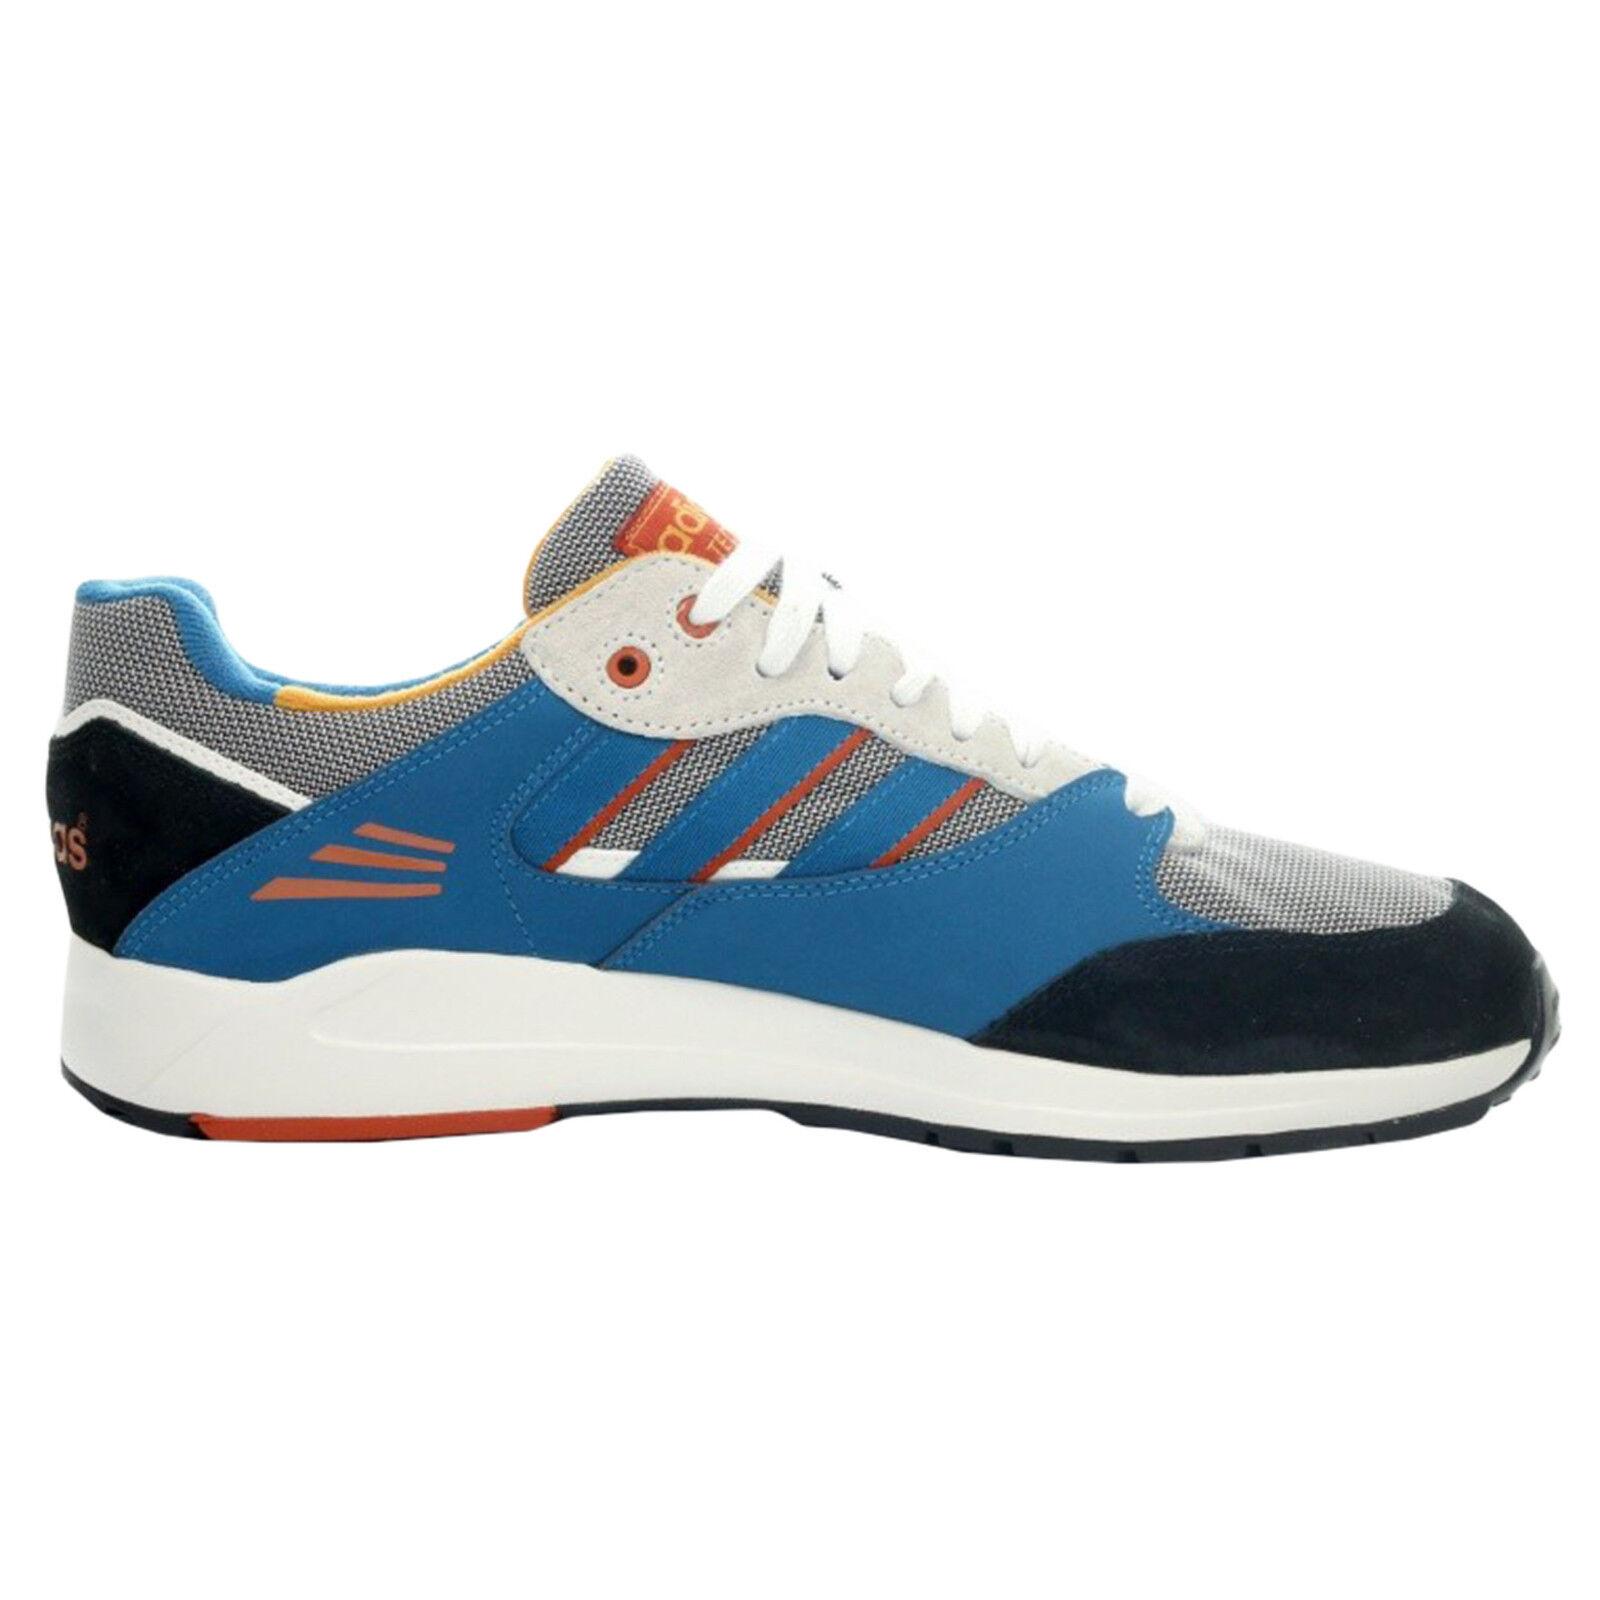 Adidas Originals Para Hombre Azul Tech Súper Entrenamiento Gimnasio Azul Hombre con Cordones Correr Zapatillas 2a8495